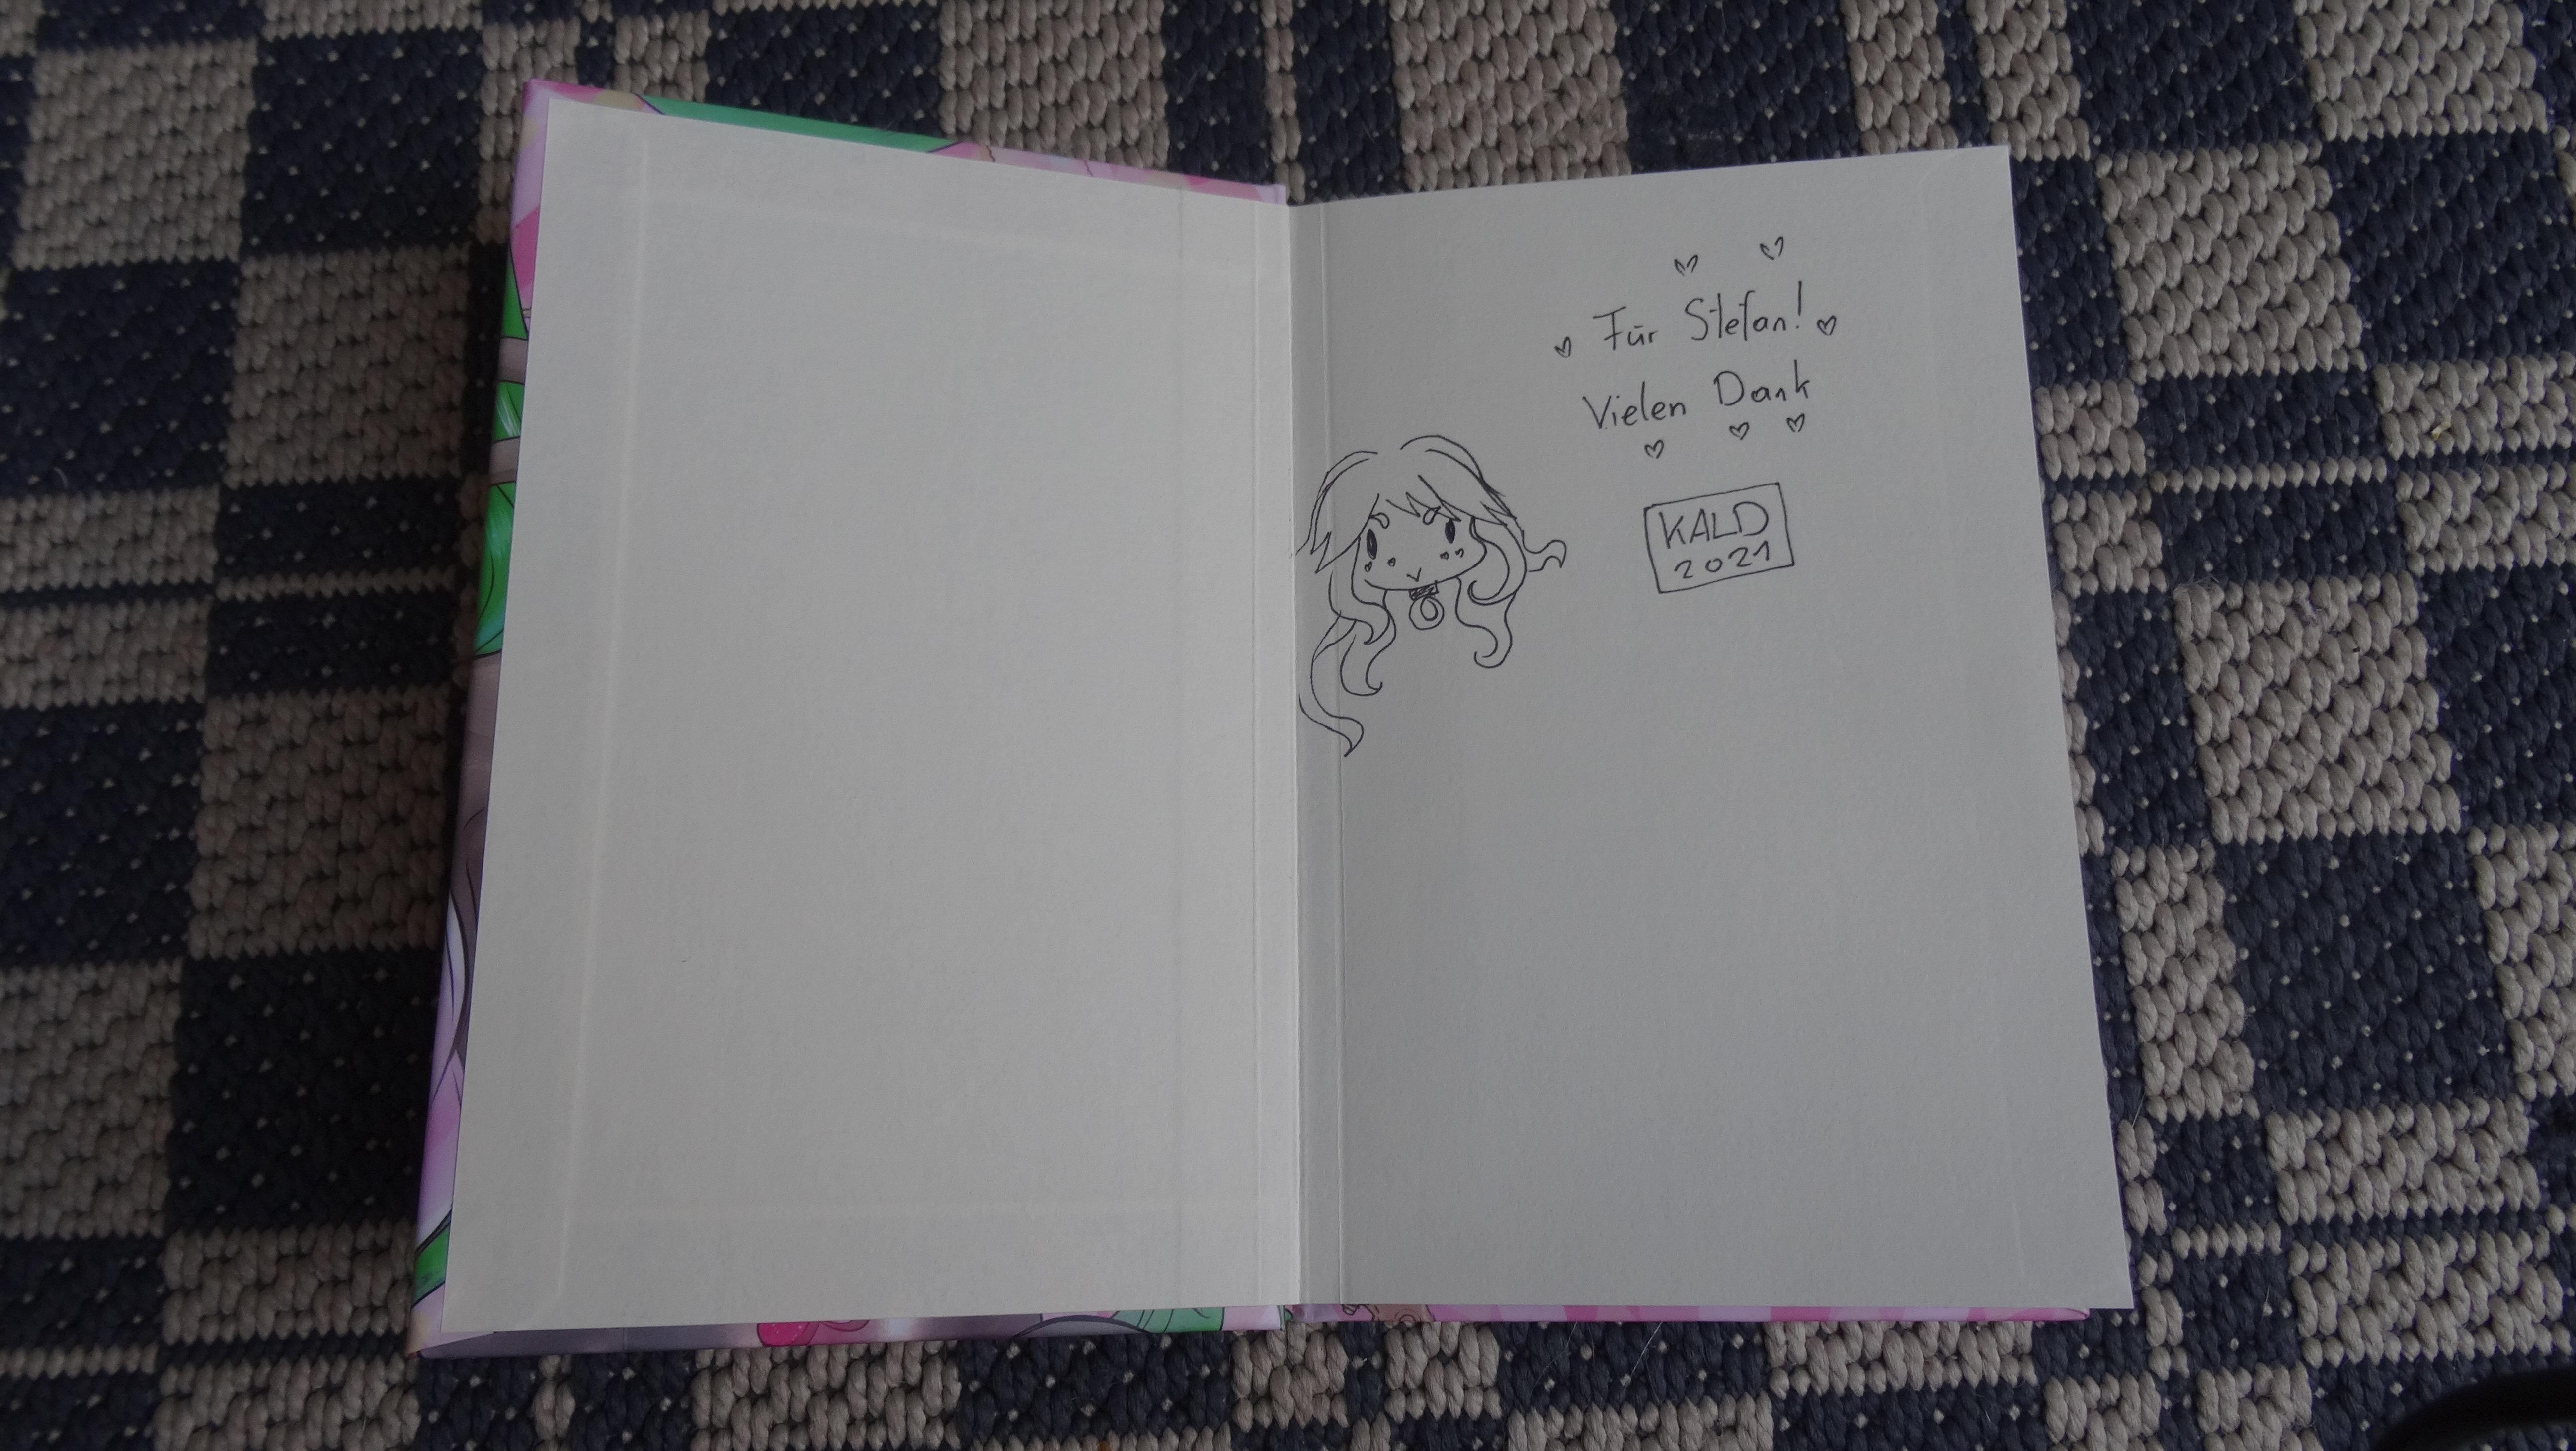 Isekai-Light-Novel Girlem: Wiedergeboren als Golem!? Monsterfriseurin in einer anderen Welt! Autogramm der Autorin im Innenteil